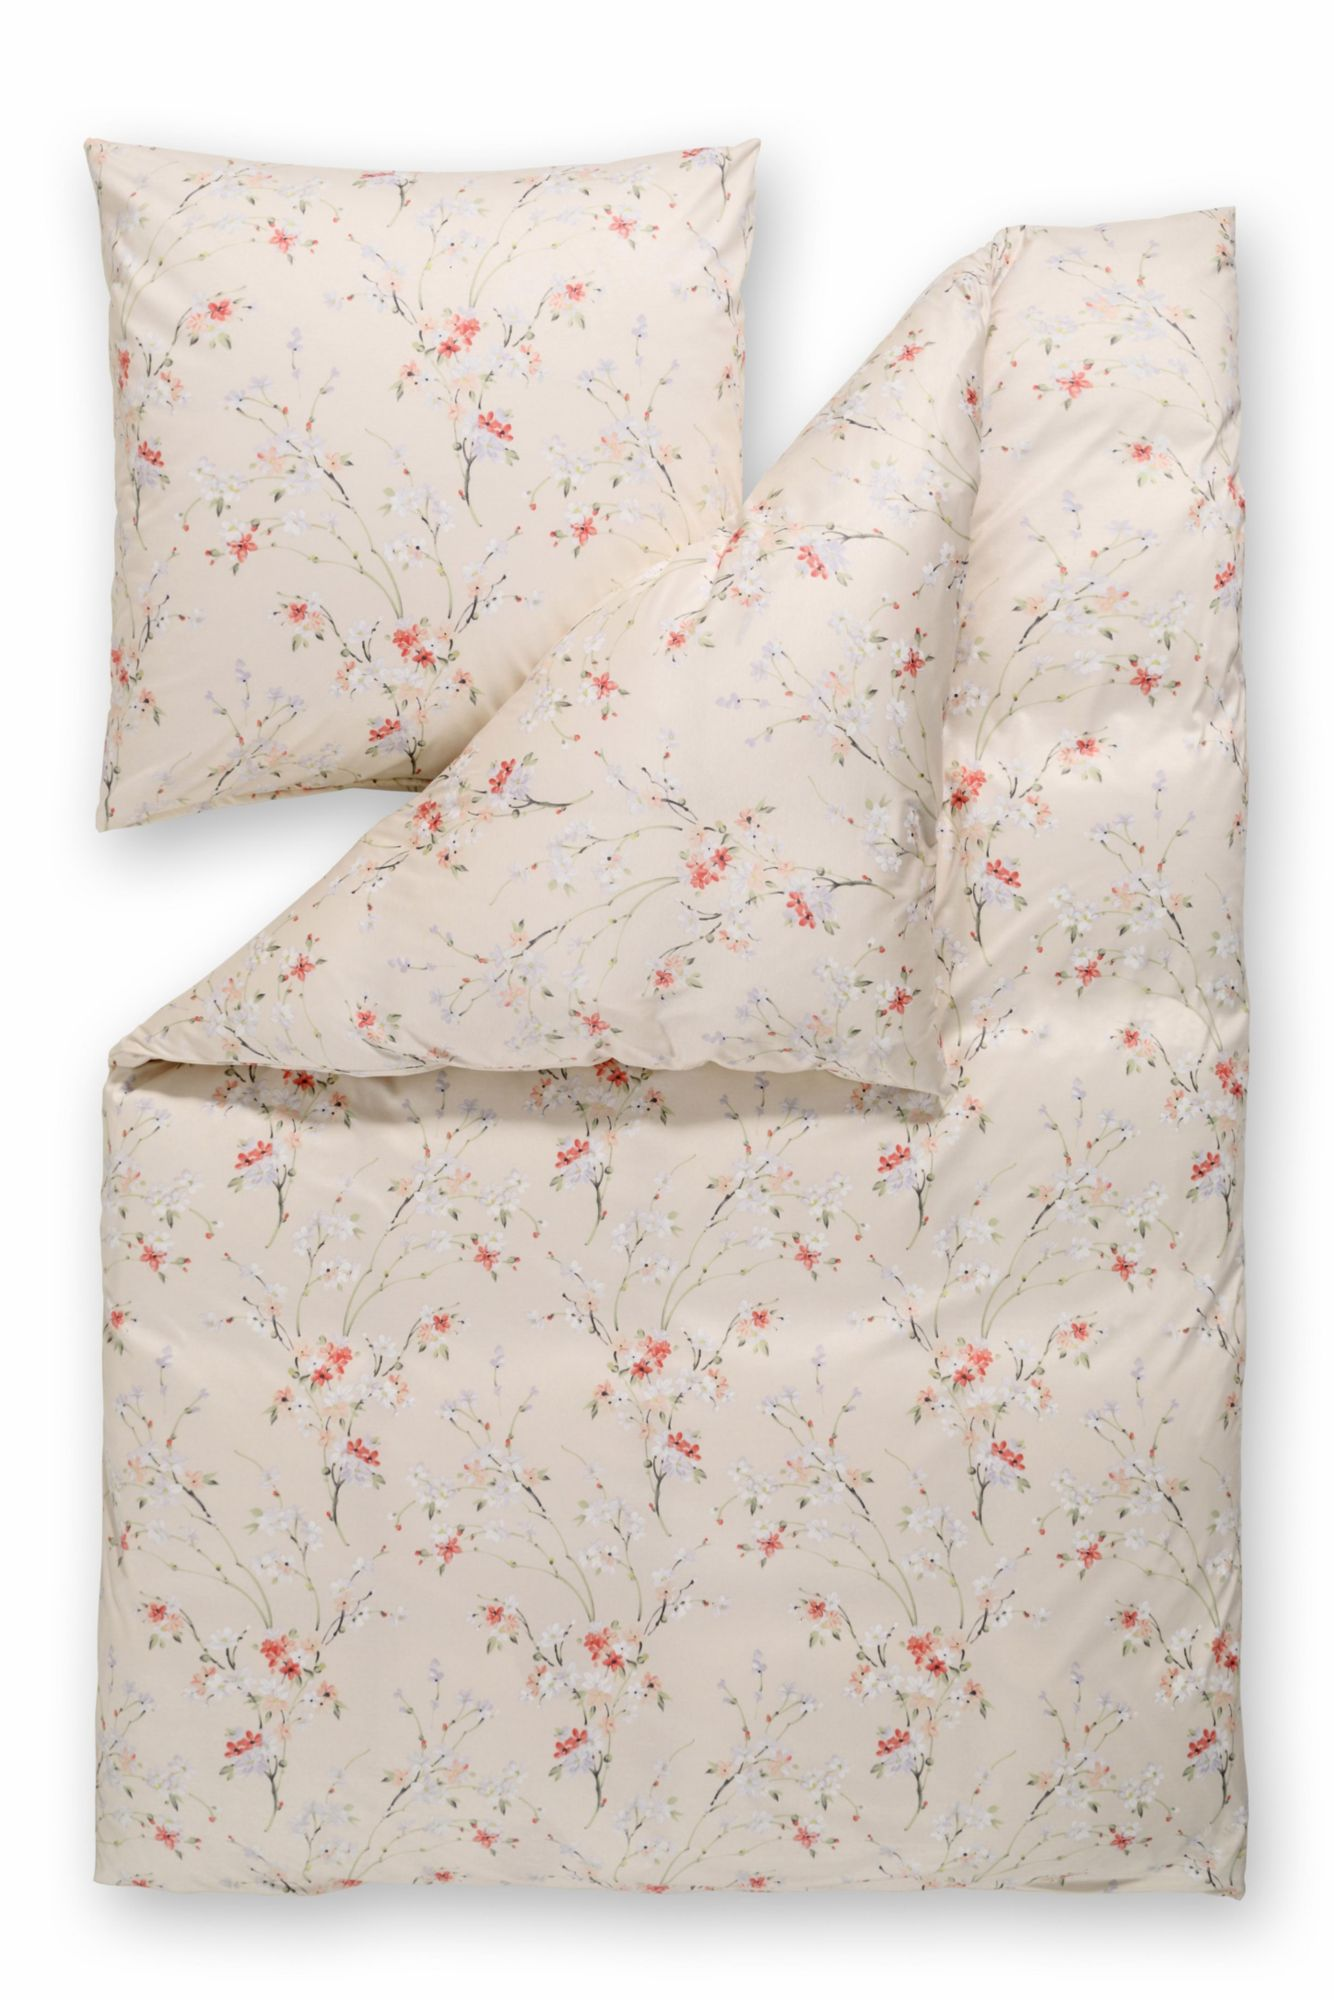 ESTELLA Bettwäsche, Estella, »Helena«, im floralen Design